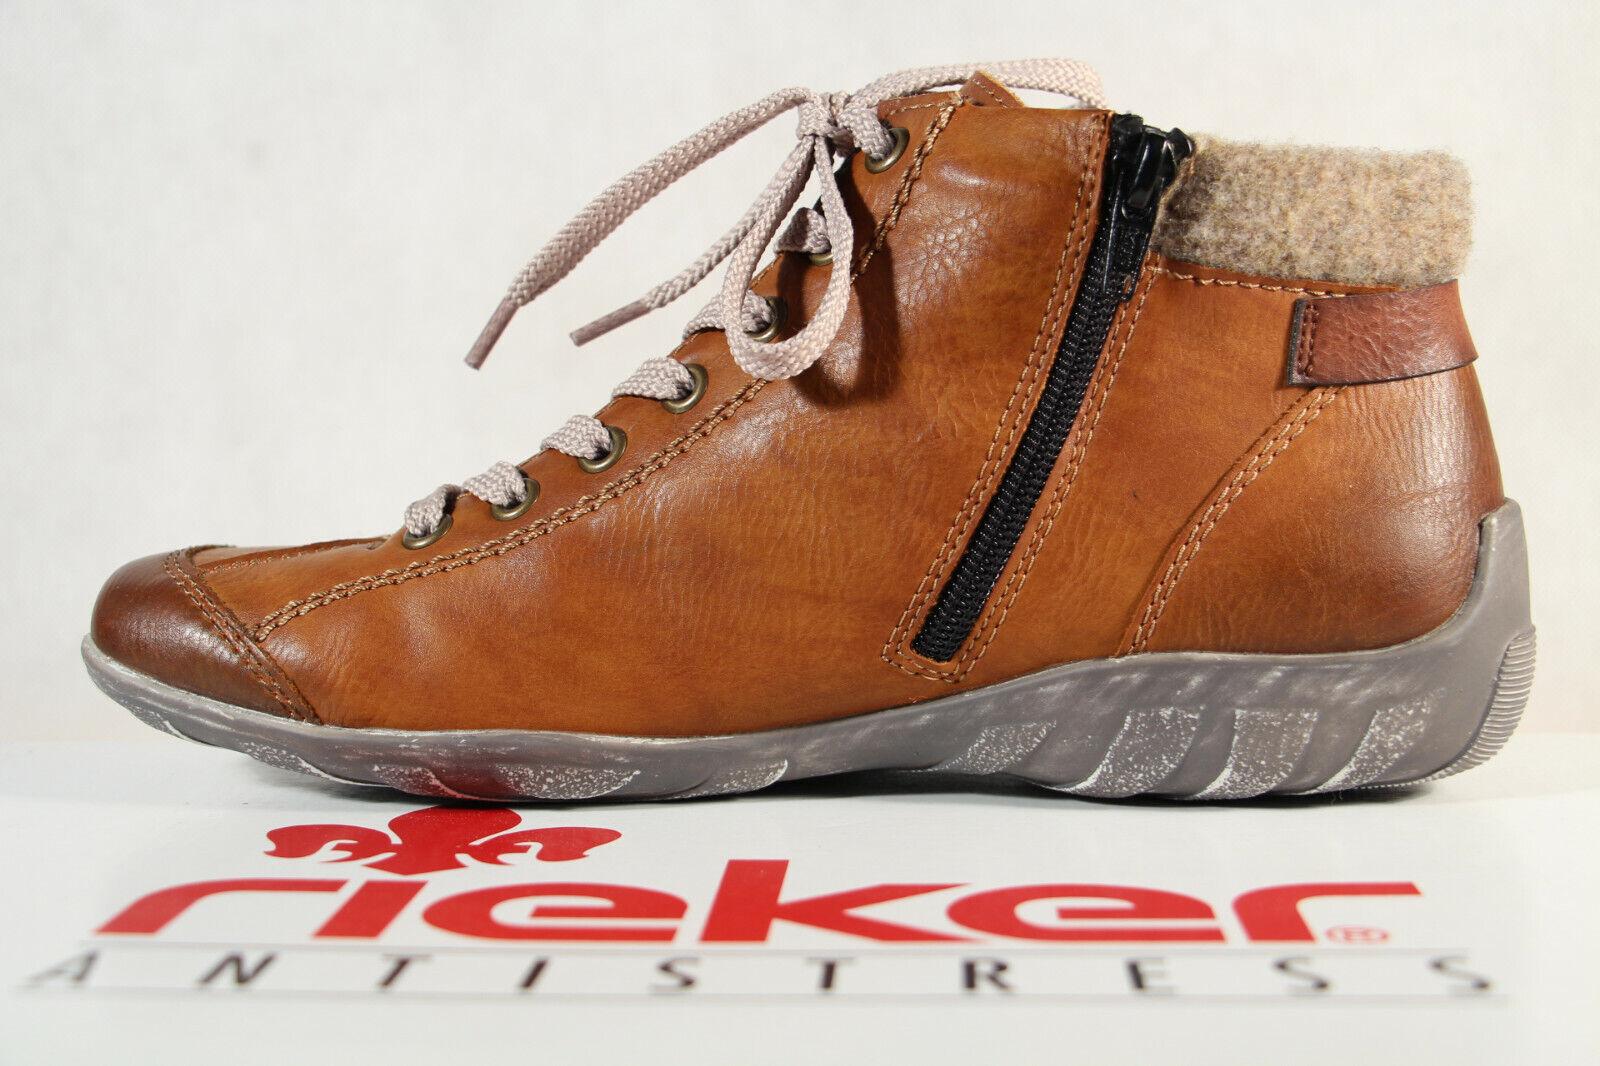 Rieker Damen Stiefel L6527 Stiefelette Schnürstiefel Boots braun NEU!